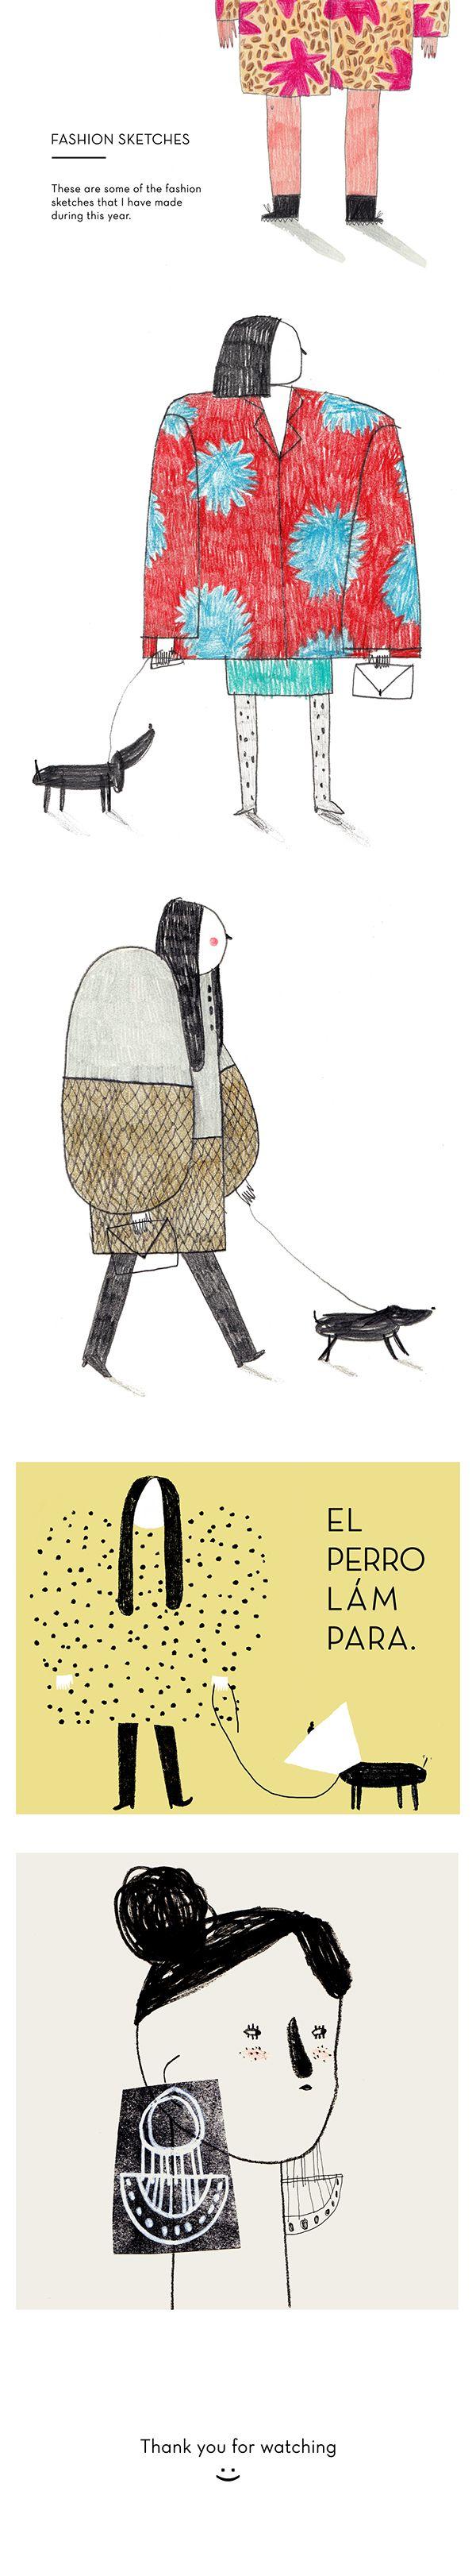 Fashion sketches by Teresa Bellon, via Behance